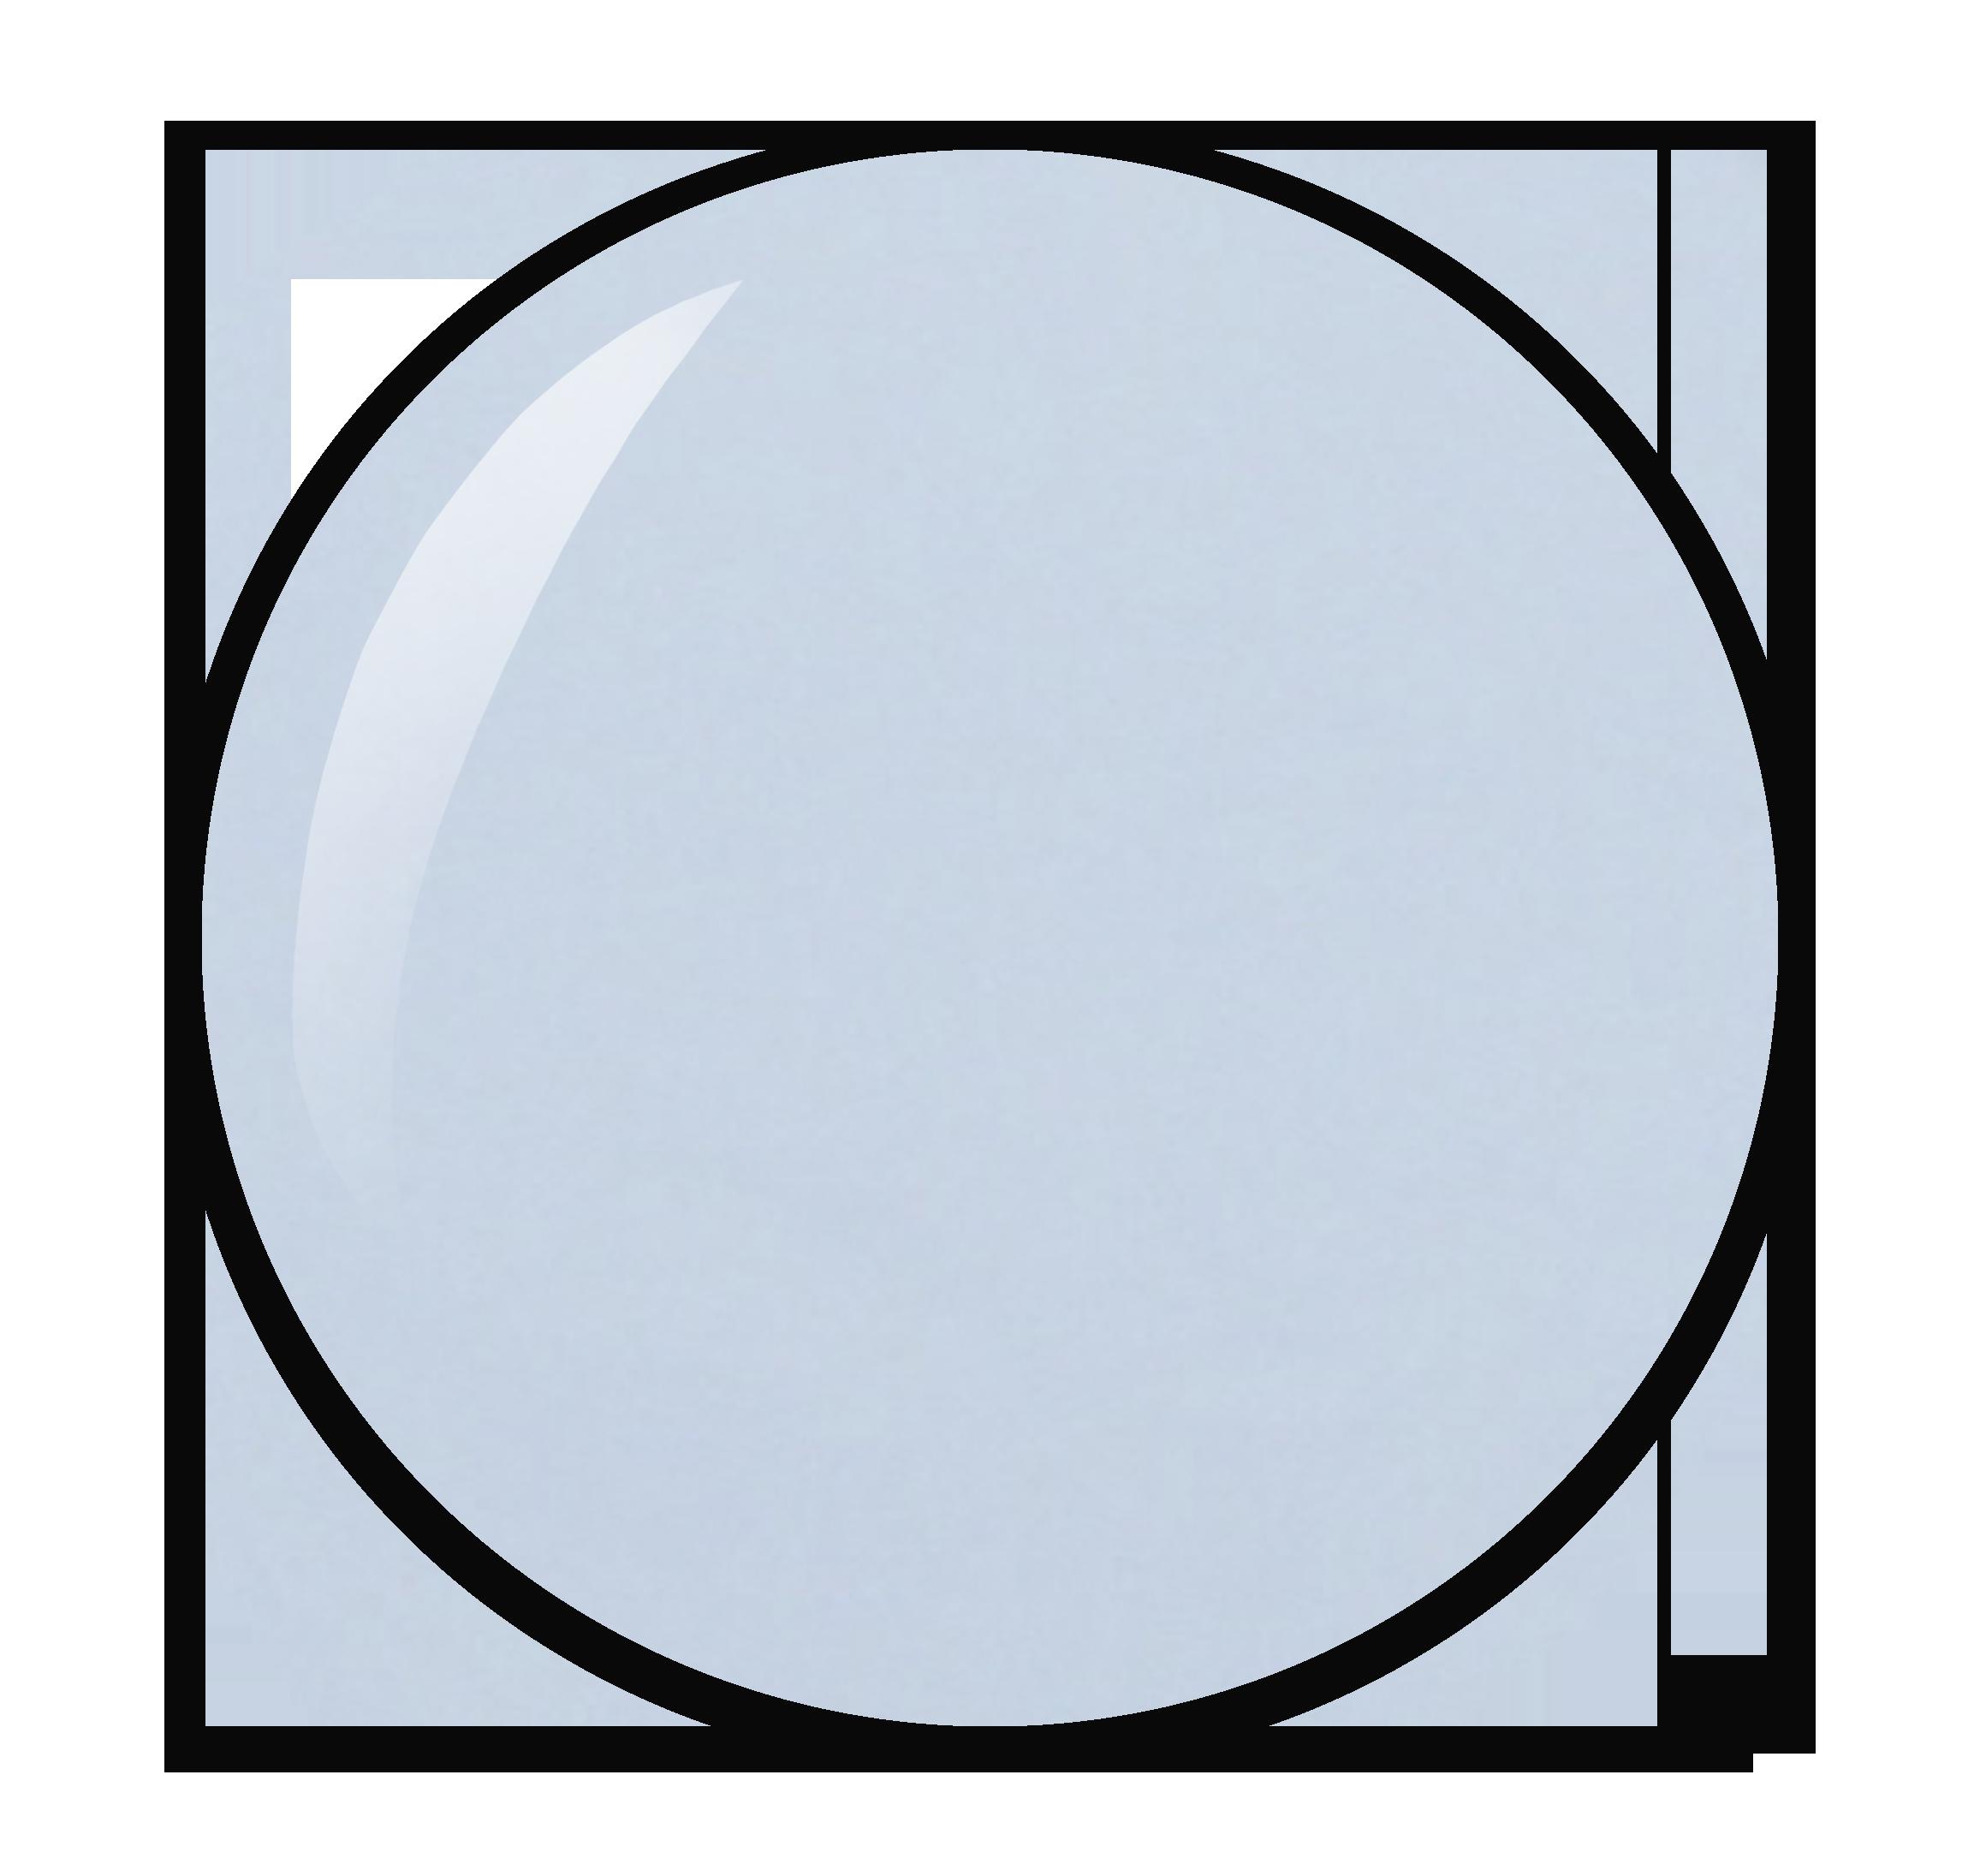 Licht blauwe nagellak nummer 148 van Herôme nagellak collectie